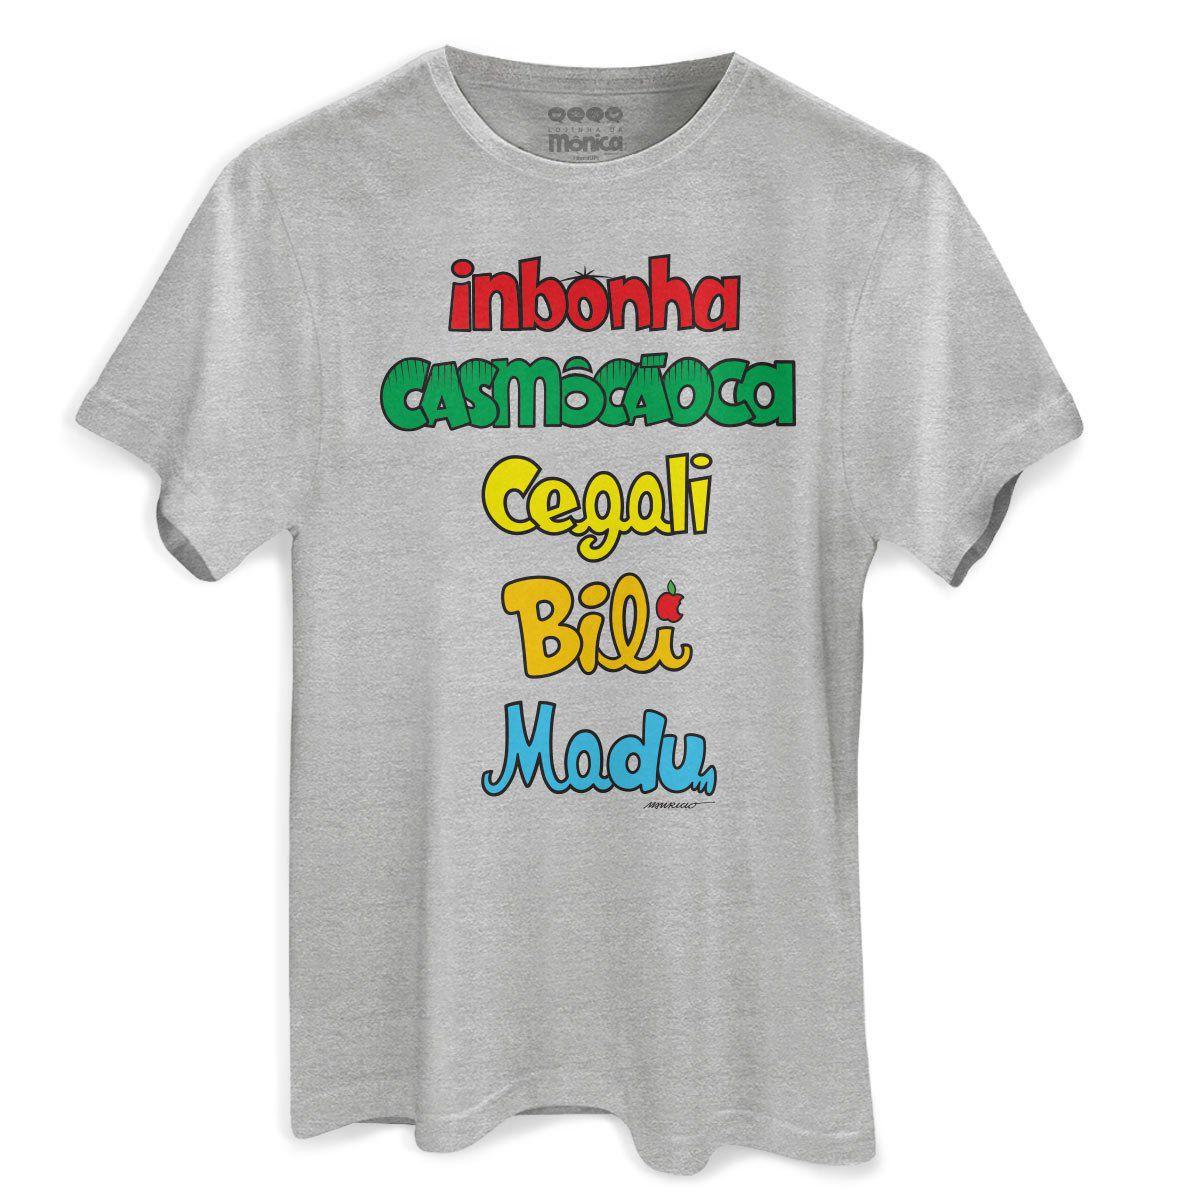 Camiseta Masculina Turma da Inbonha